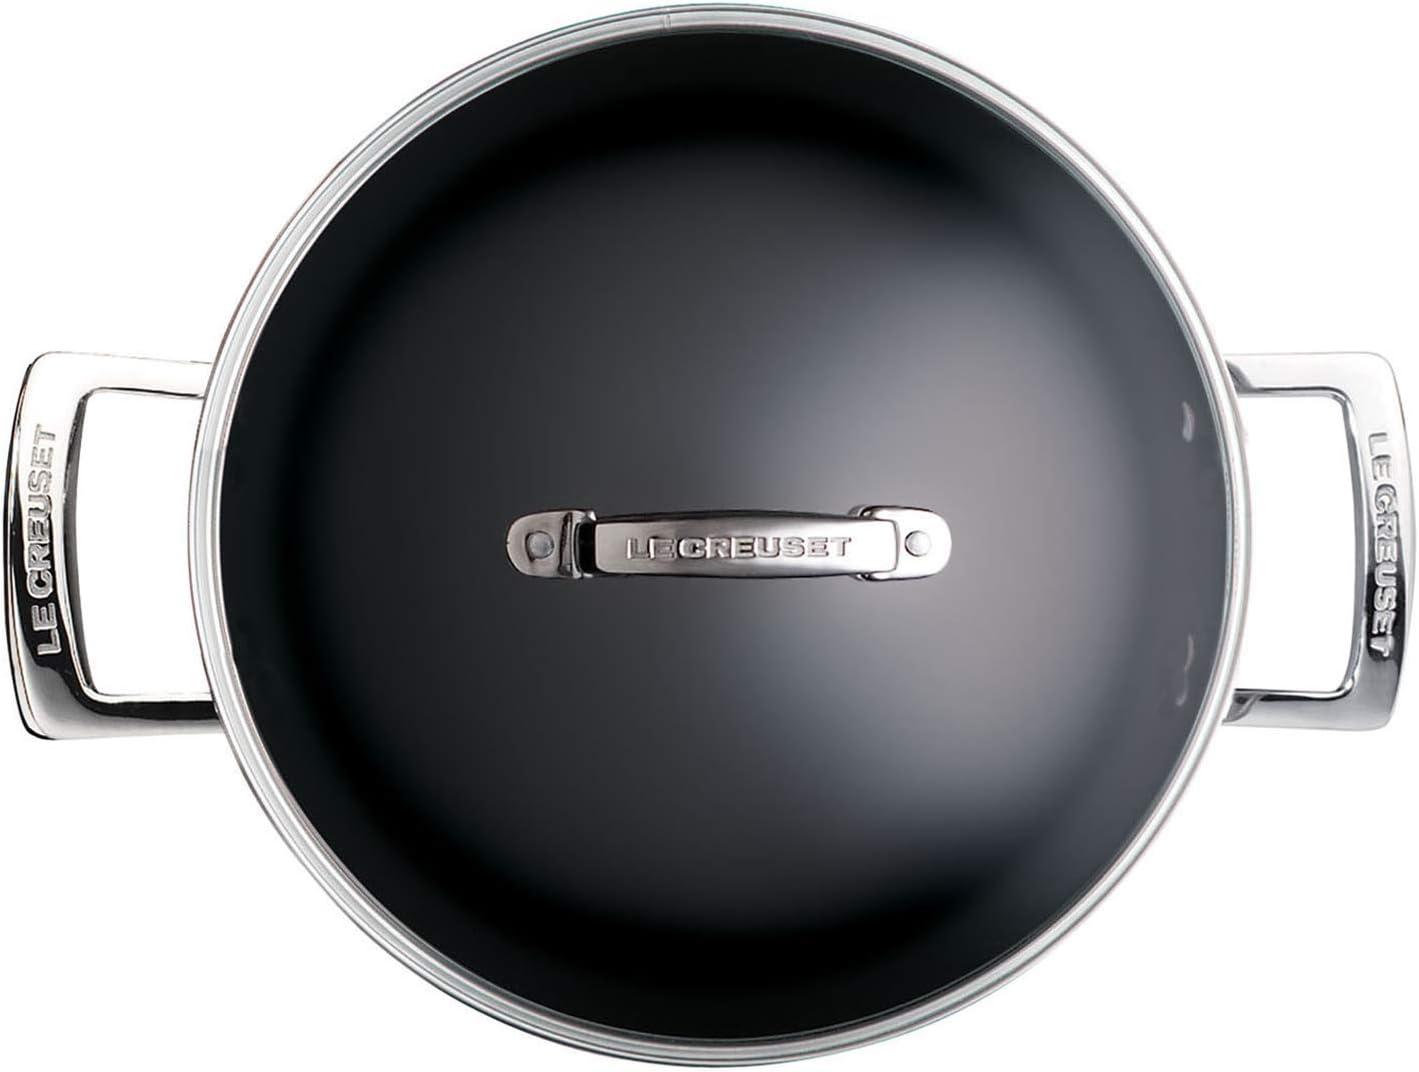 Anthracite//Argent/é Faitout en Aluminium Forg/é avec Couvercle en Verre /Ø 24 cm Compatible avec Toutes Sources de Chaleur y Compris Induction Sans PFOA Le Creuset